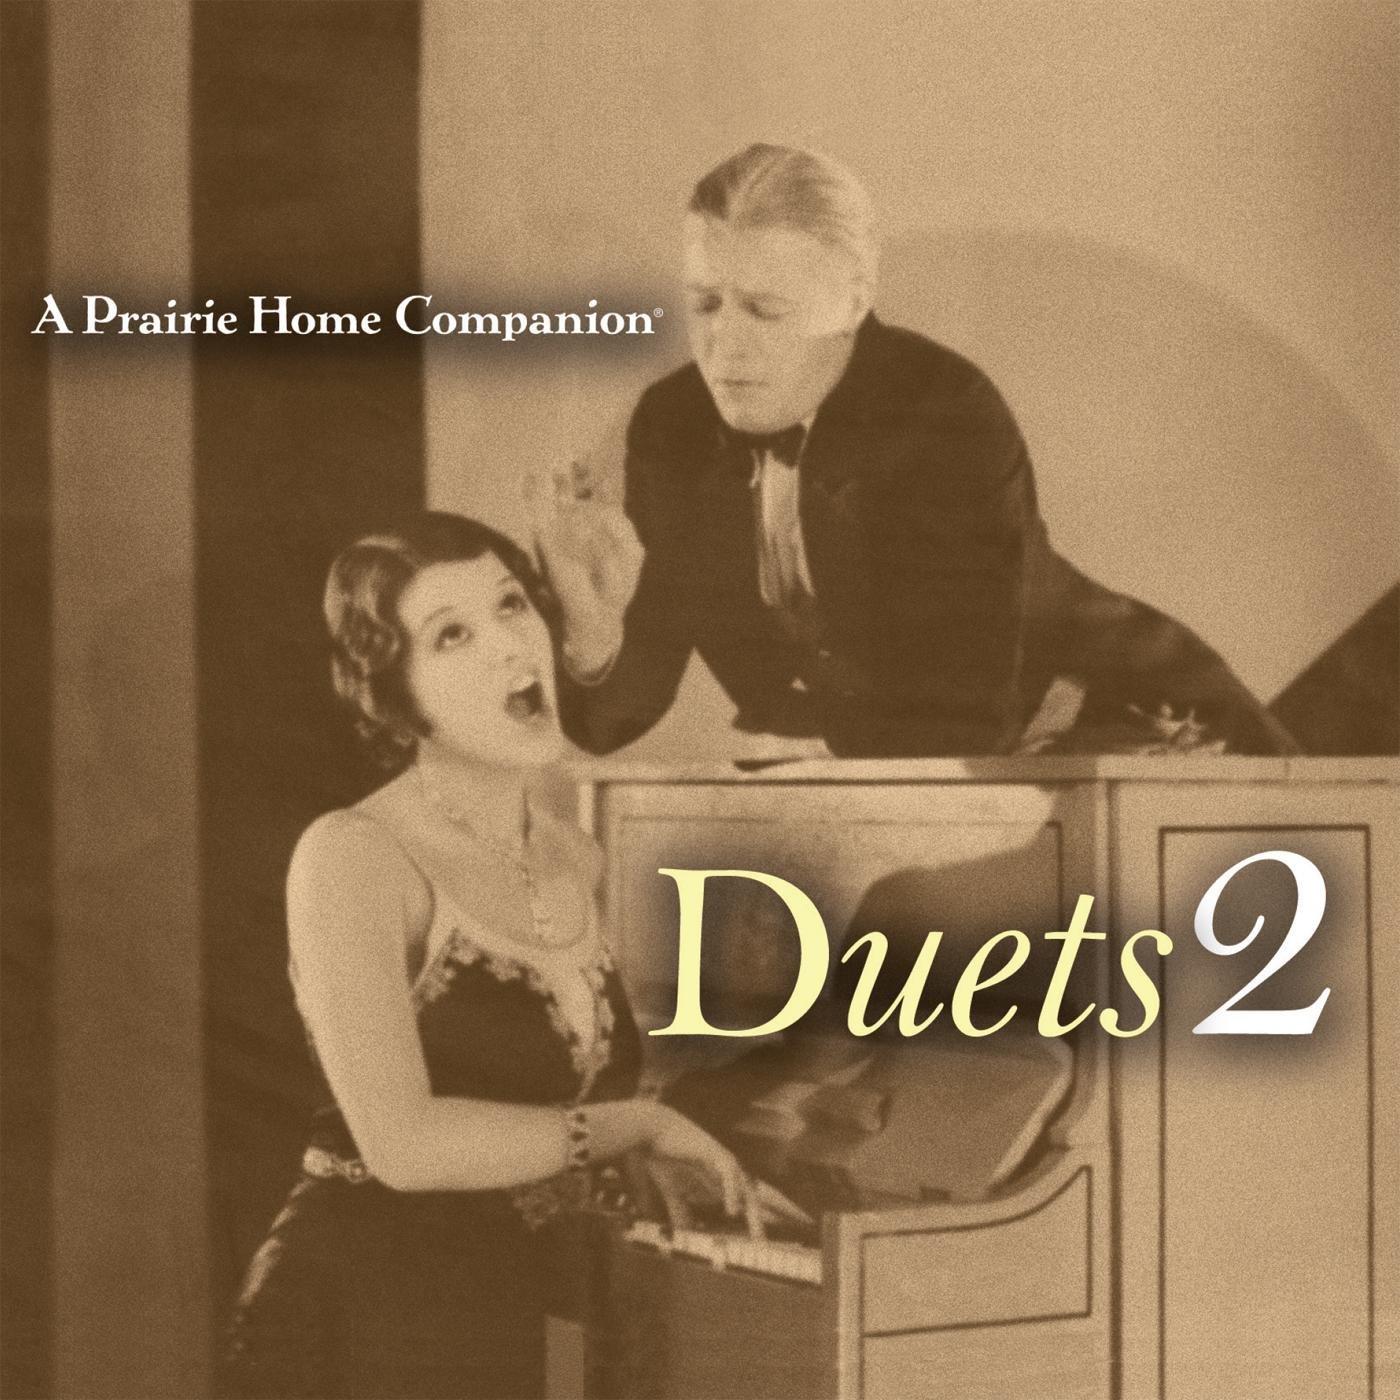 A Prairie Home panion Duets 2 Garrison Keillor